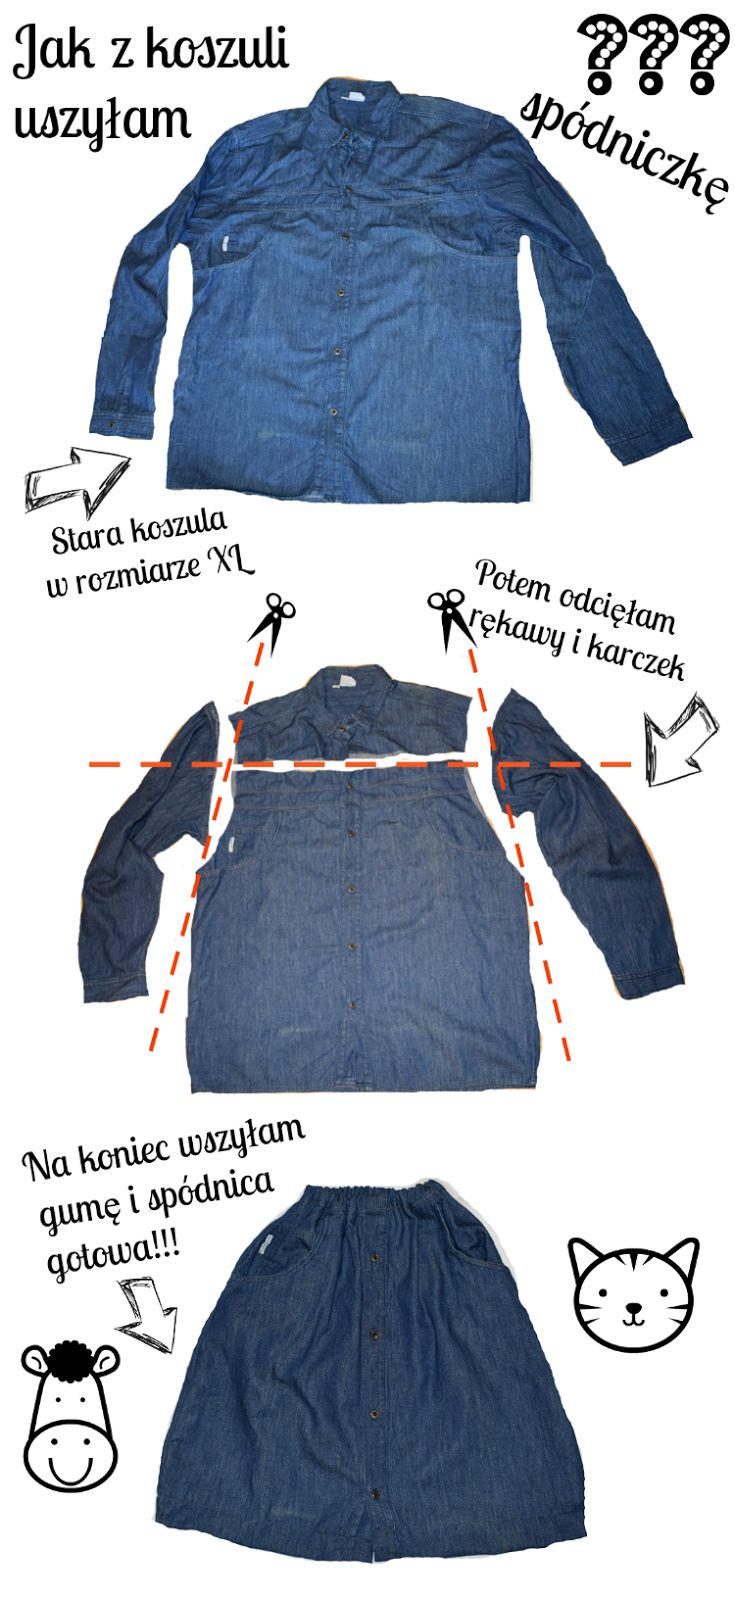 DIY - Jak uszyć spódnicę z koszuli? Recykling starych ubrań.